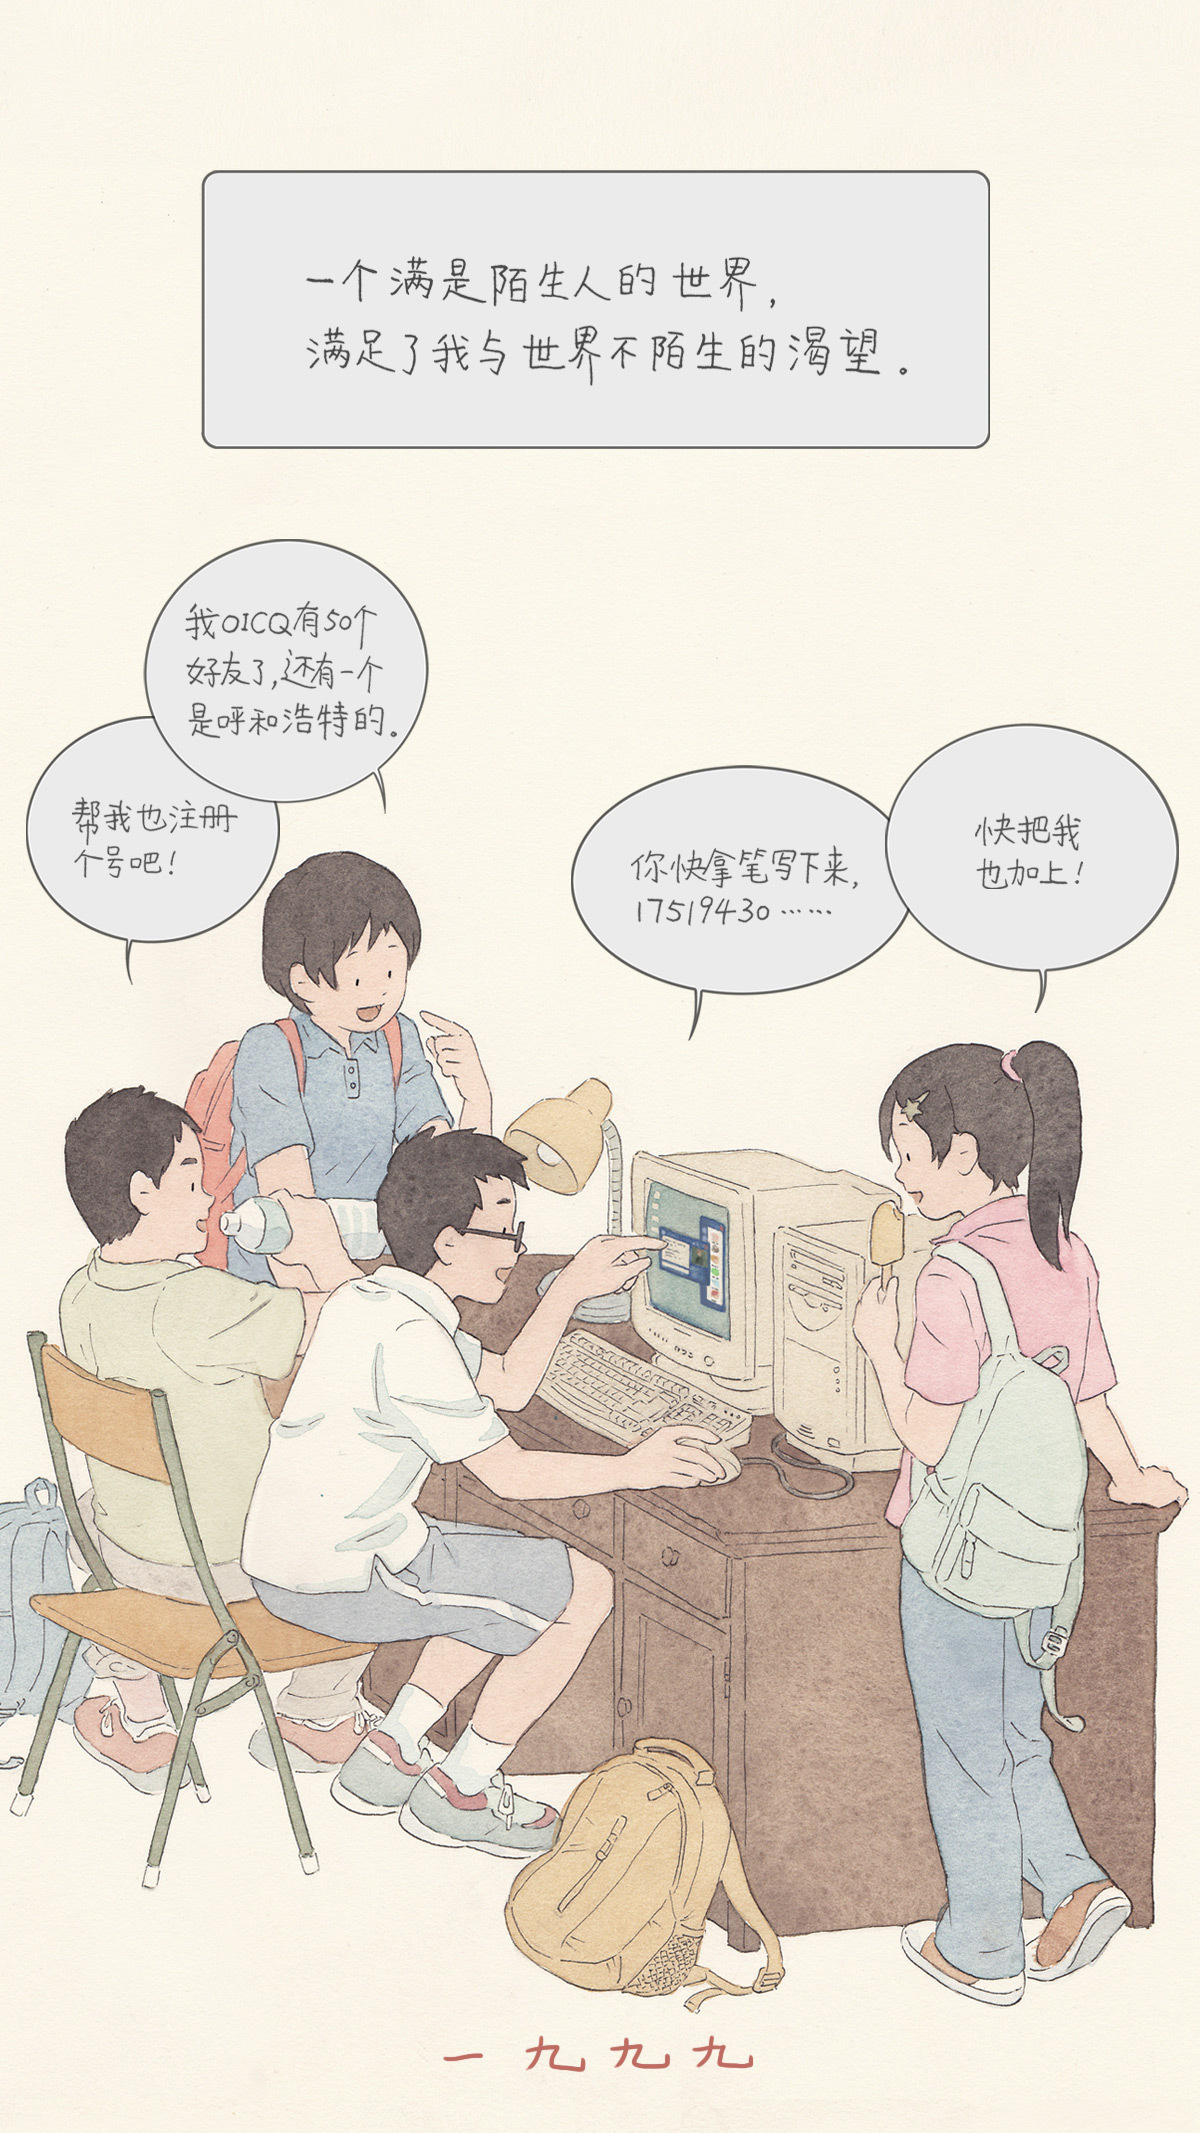 小人日常之七 全集 单幅人间 李彬BinLee-原创漫画动漫a小人漫画图片